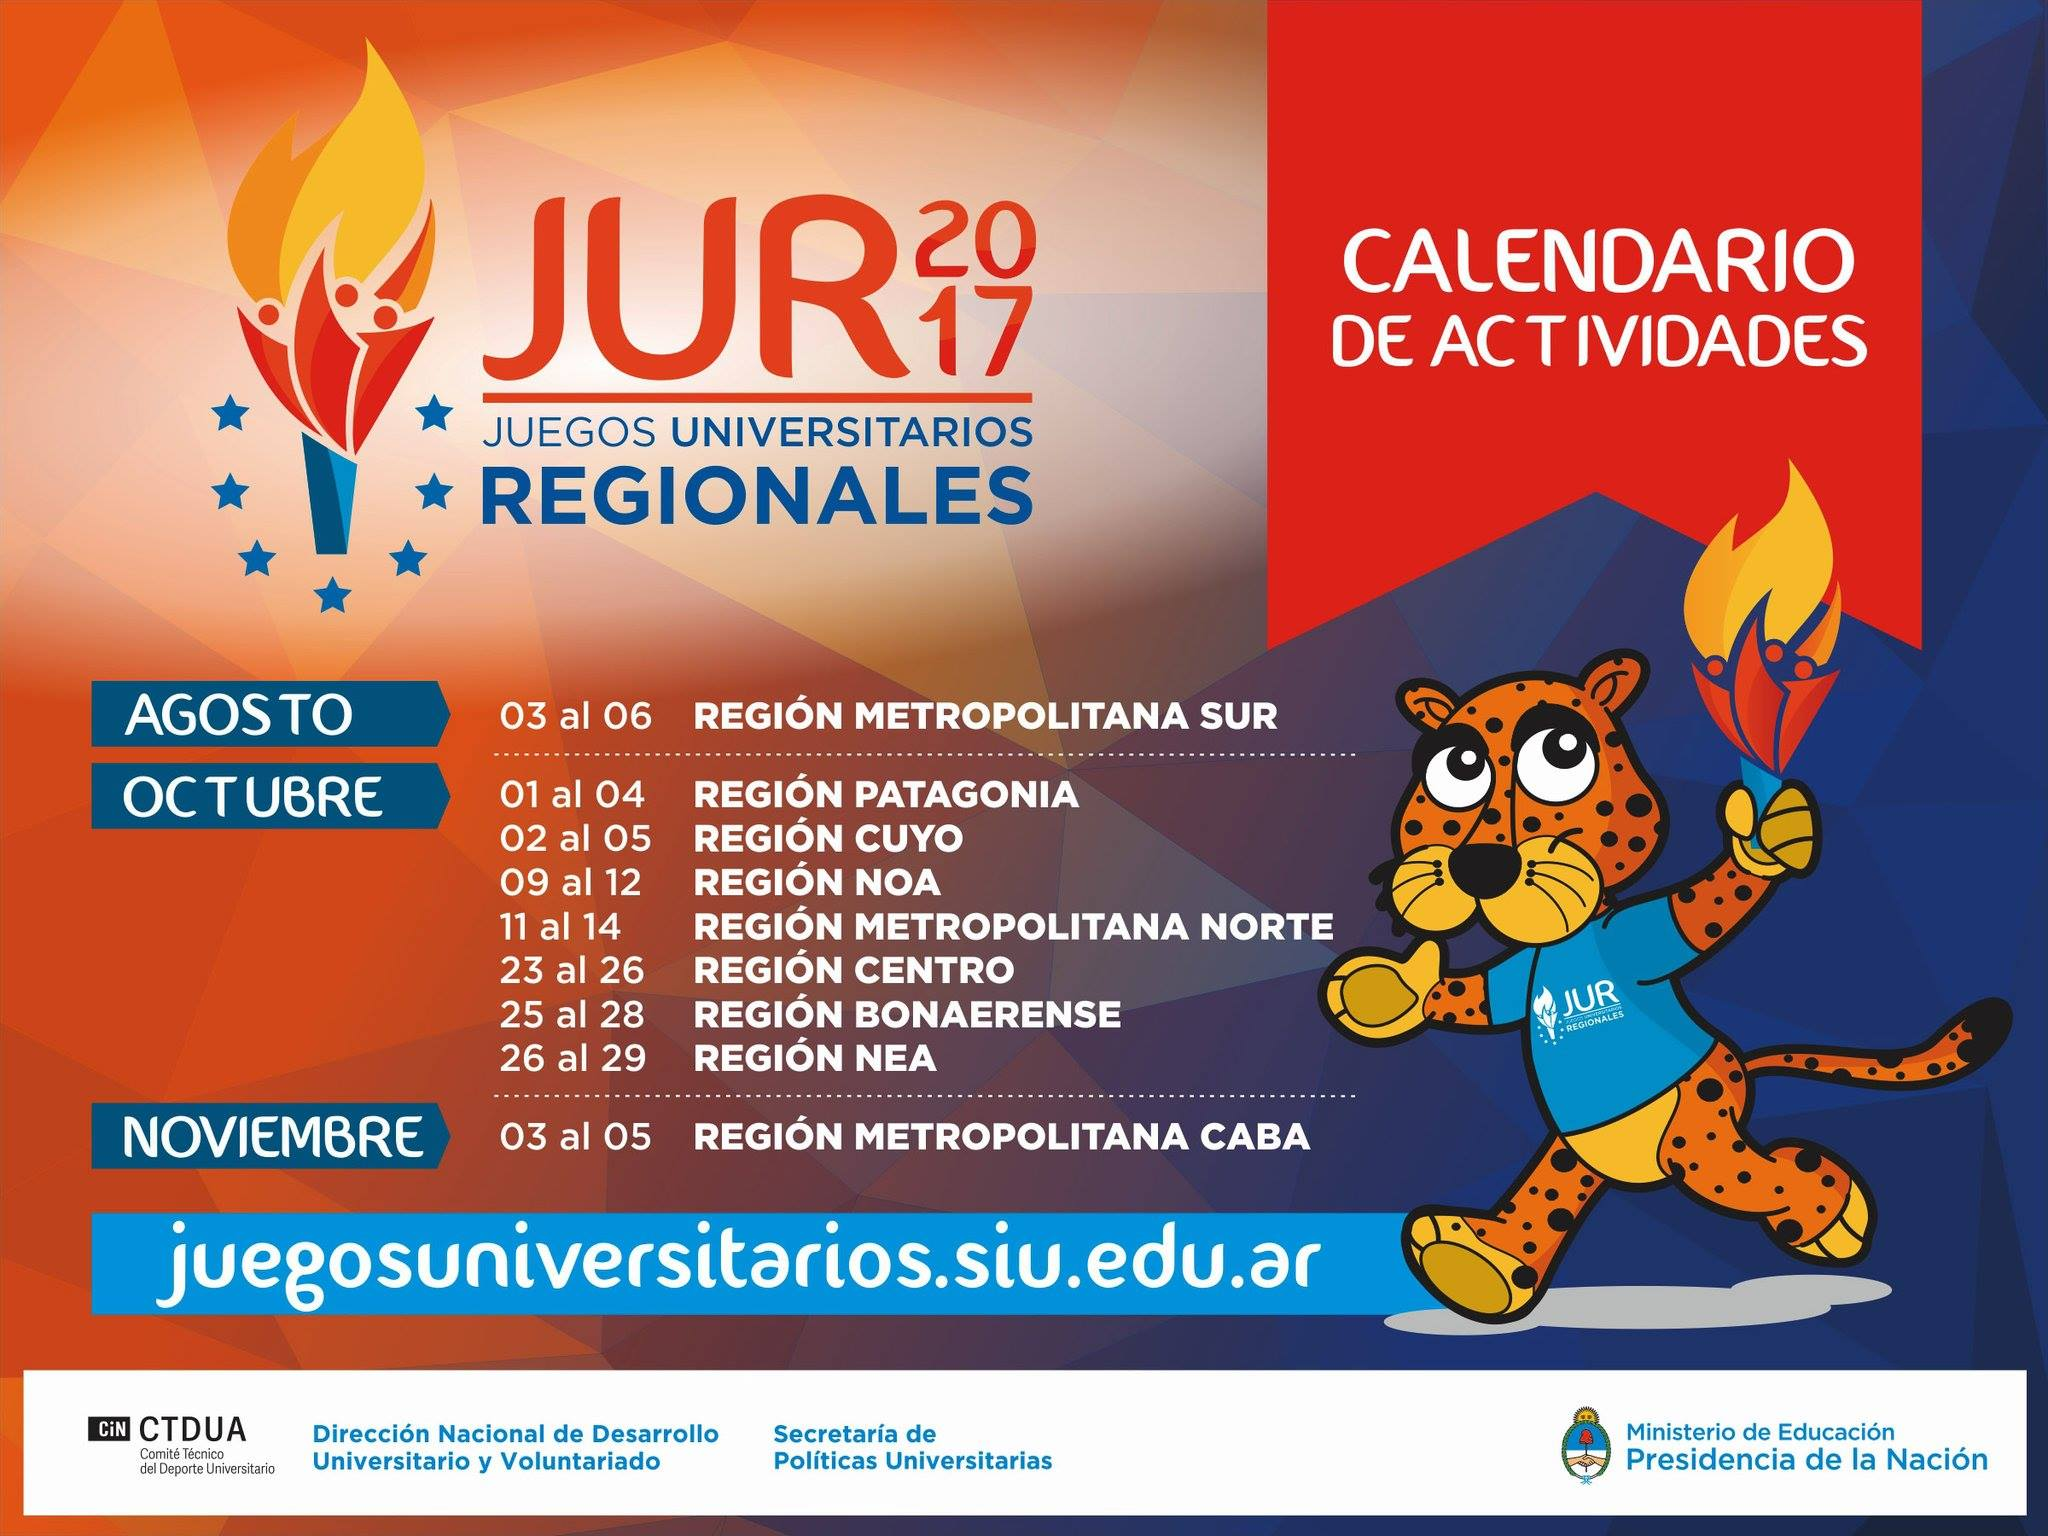 Unicen Con 150 Deportistas En Los Juegos Universitarios Nacionales